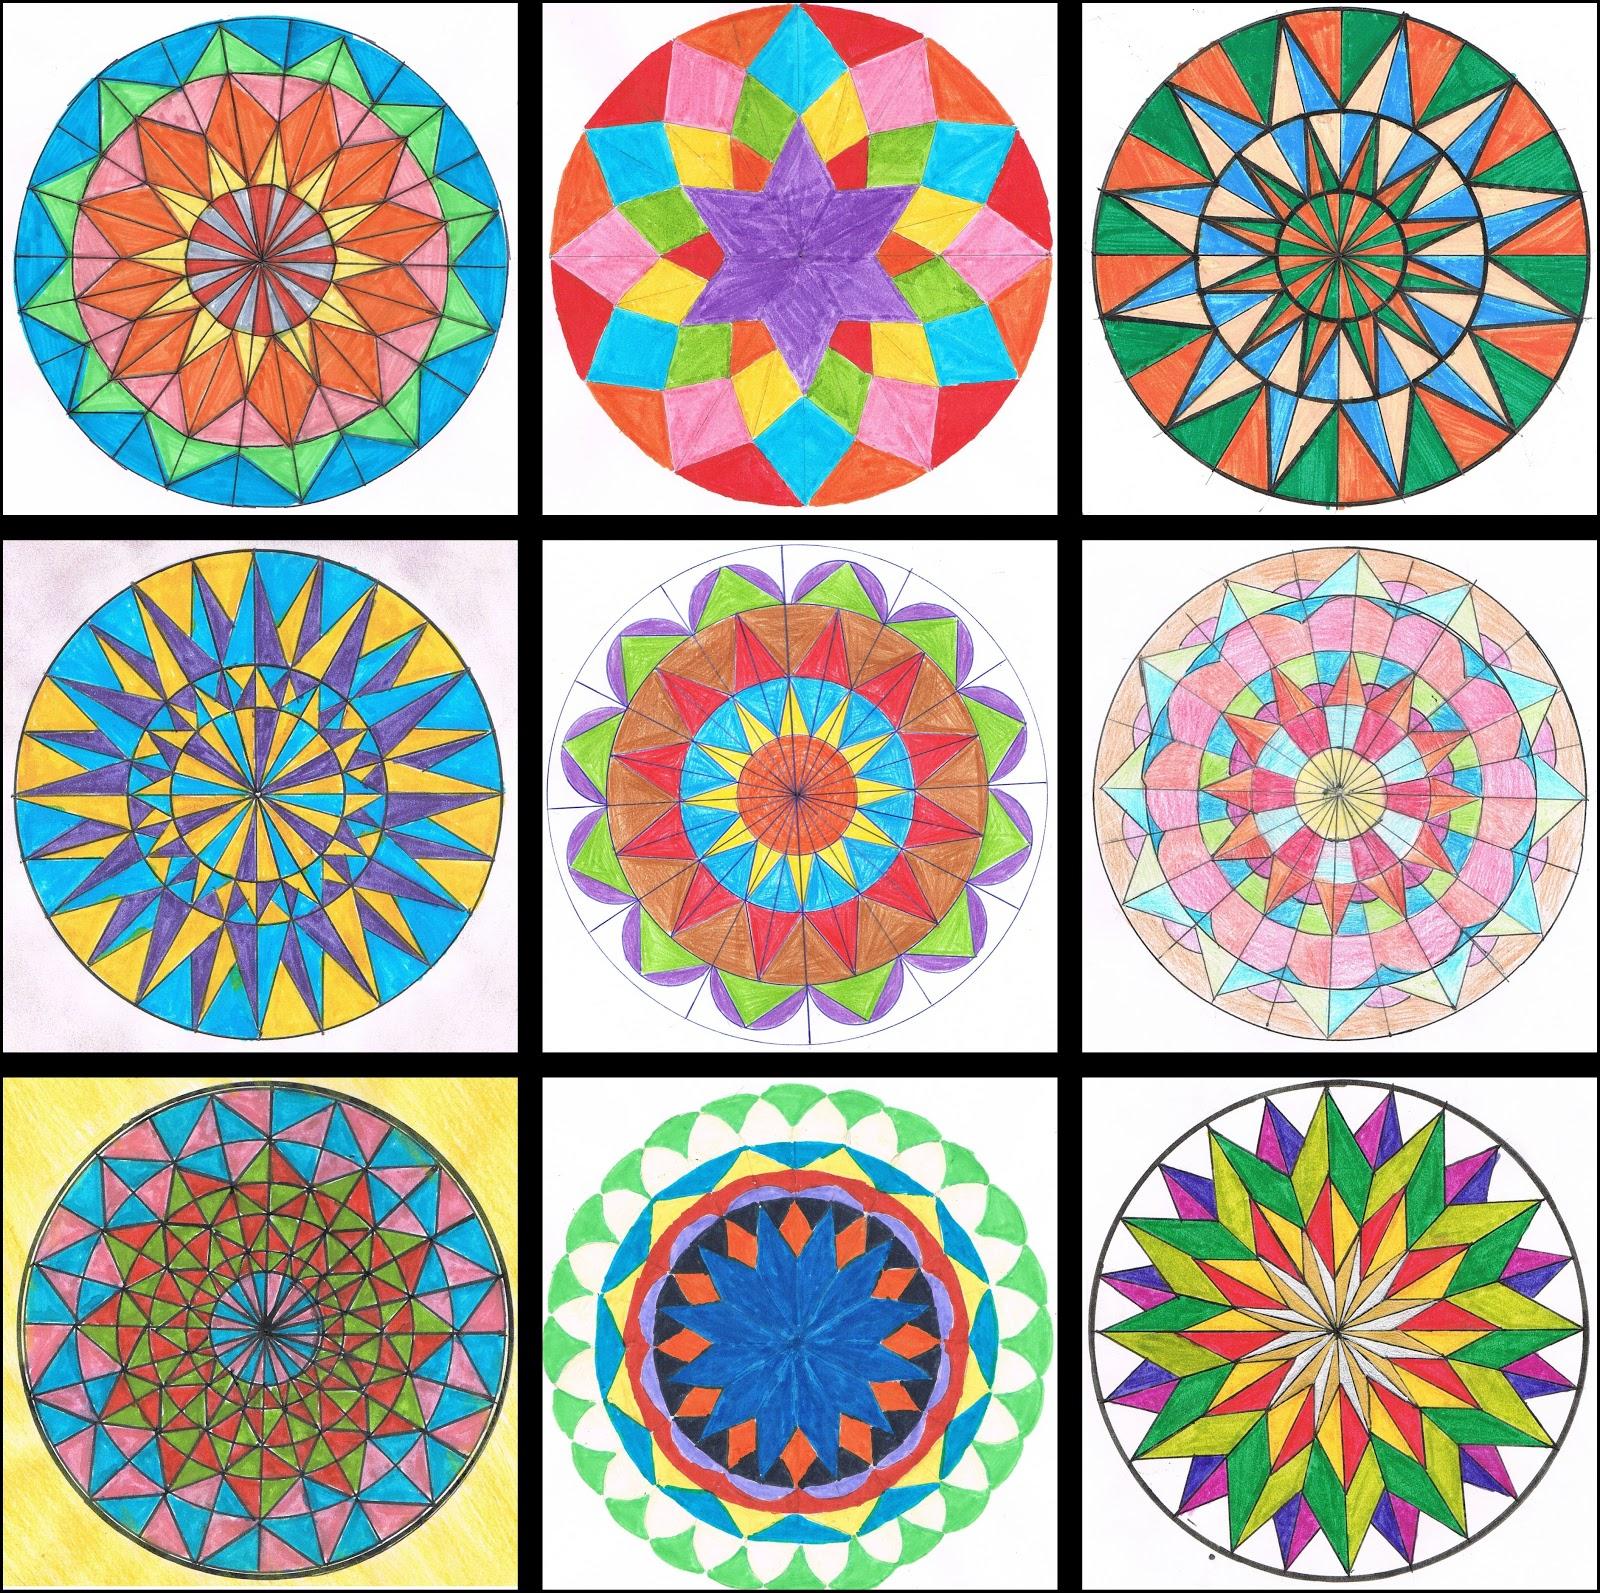 Pintar crear pensar pol gonos regulares - Como pintar mosaicos ...